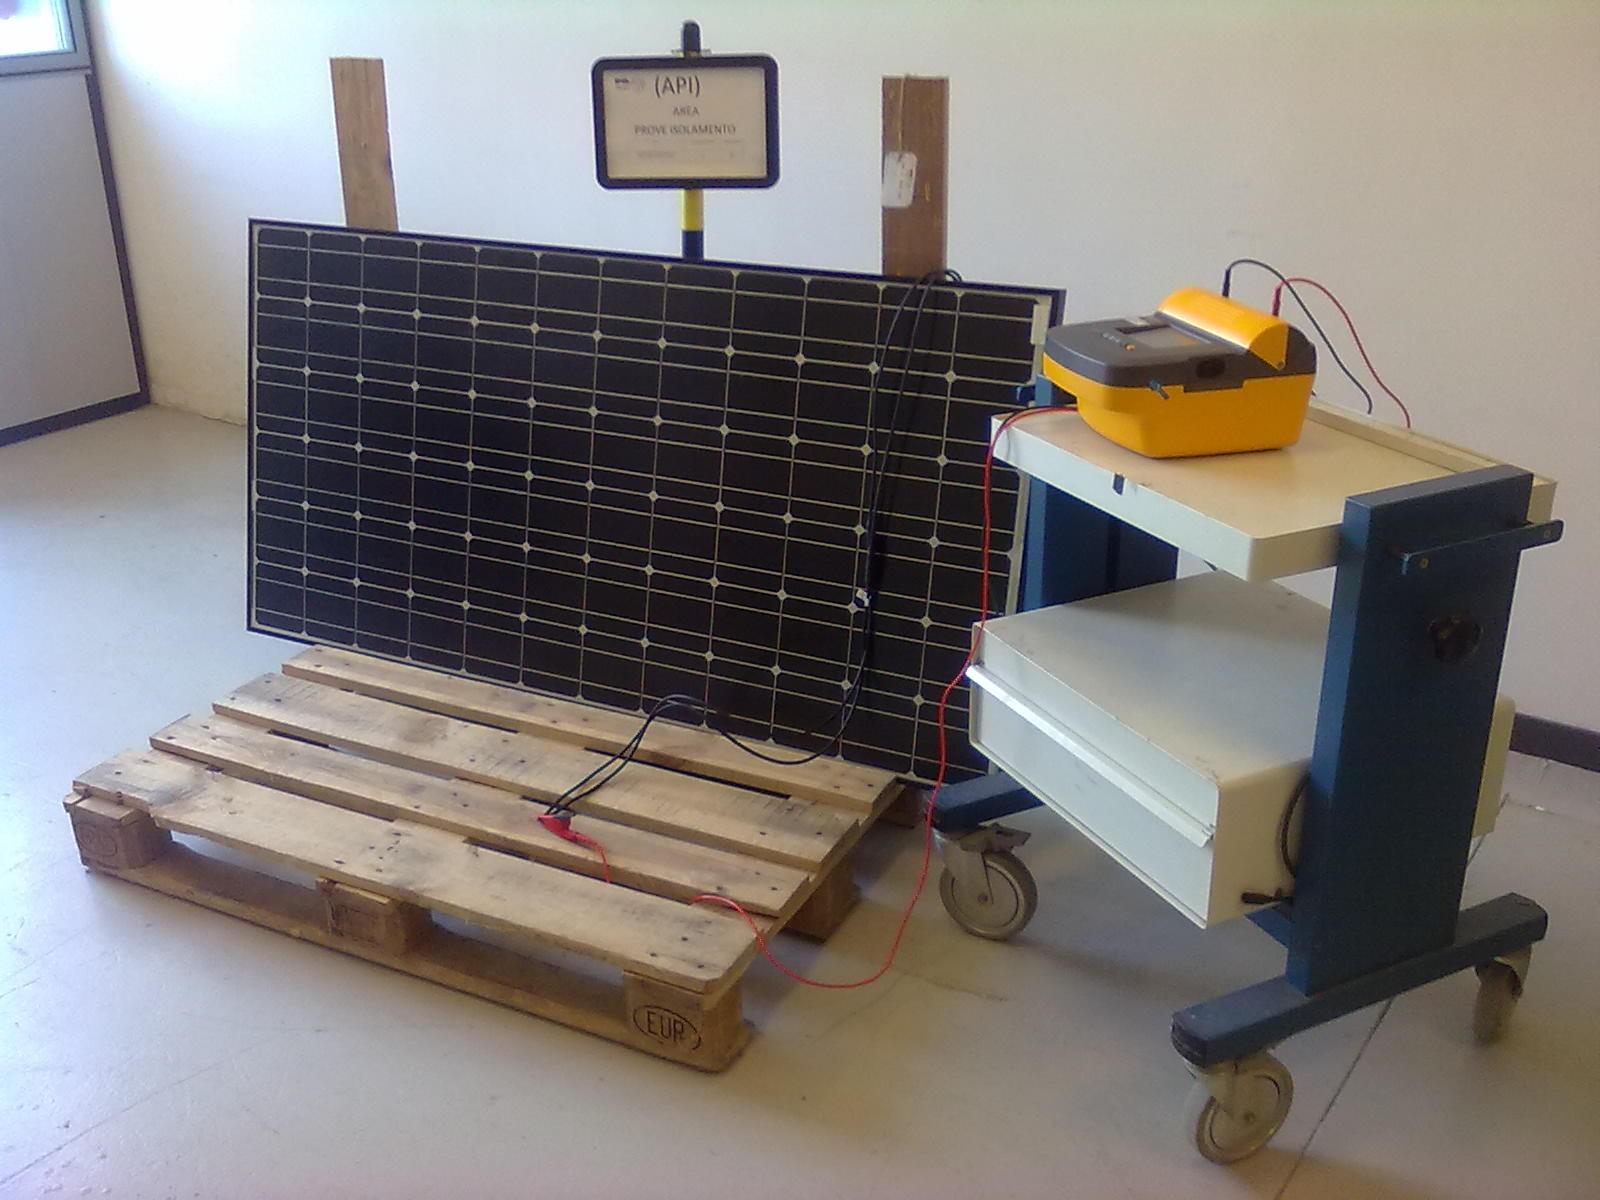 Prova Isolamento elettrico - CR Pvsmart Enea Portici